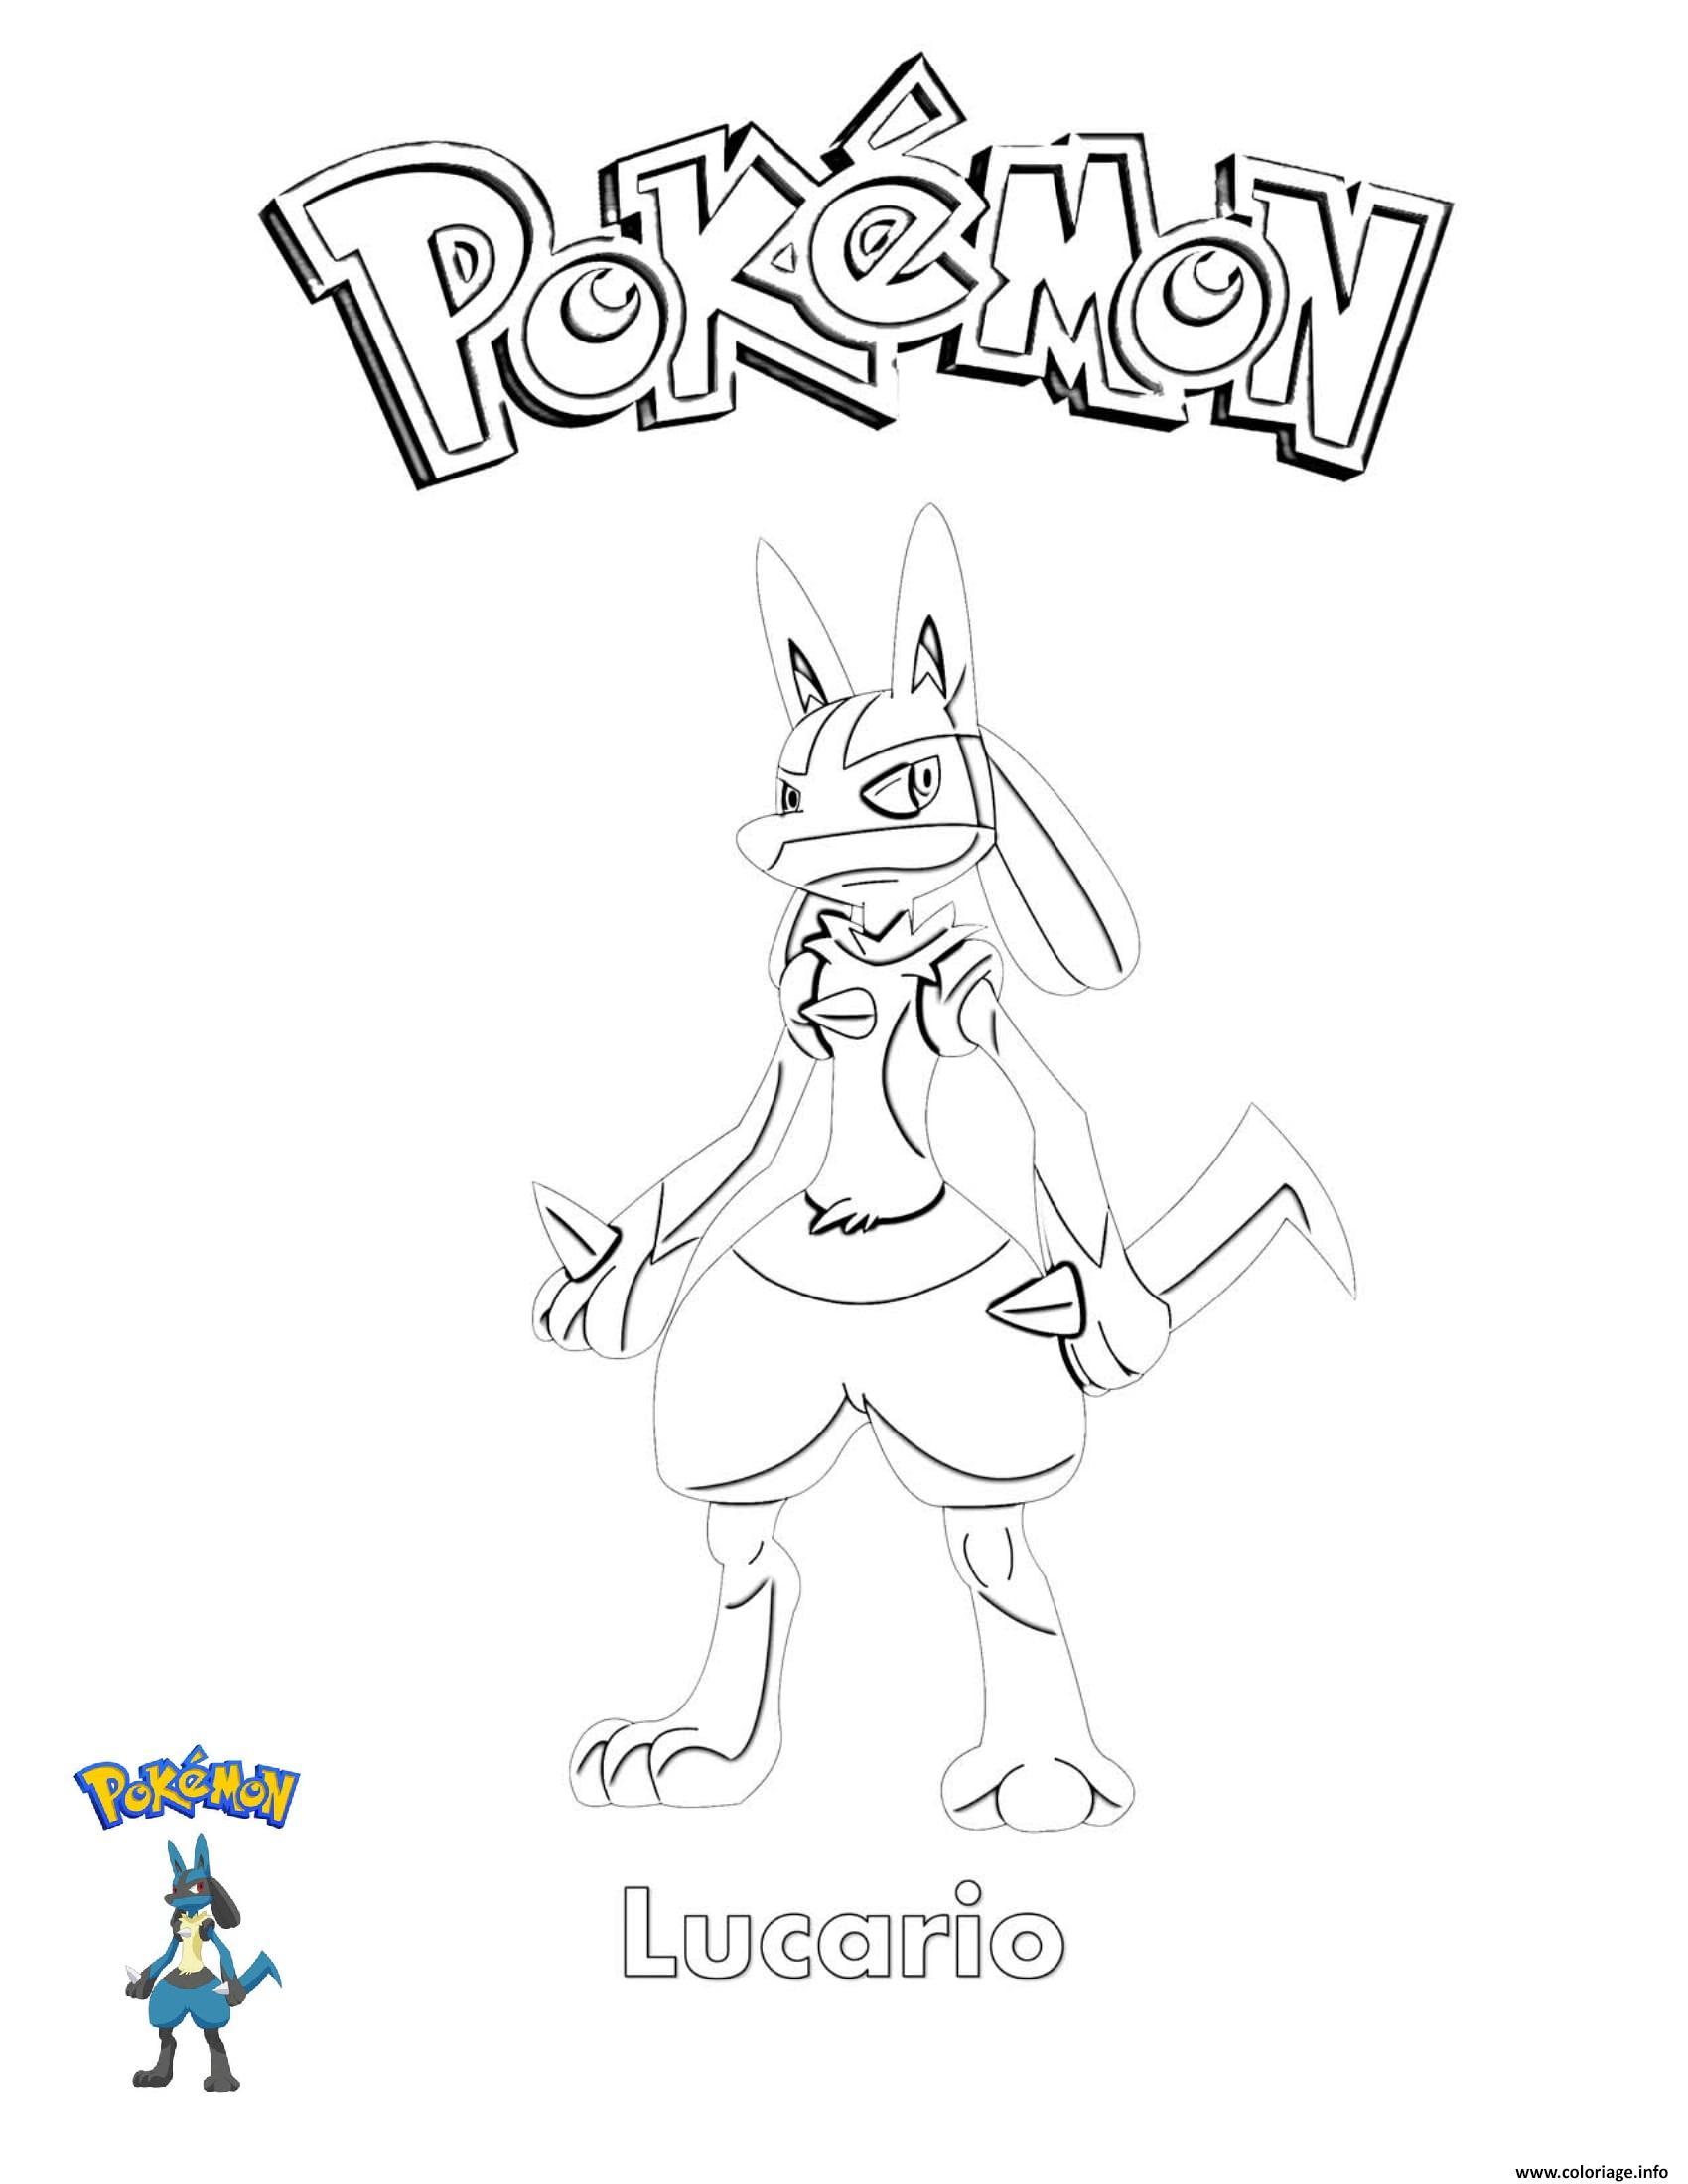 Dessin Lucario Pokemon Coloriage Gratuit à Imprimer